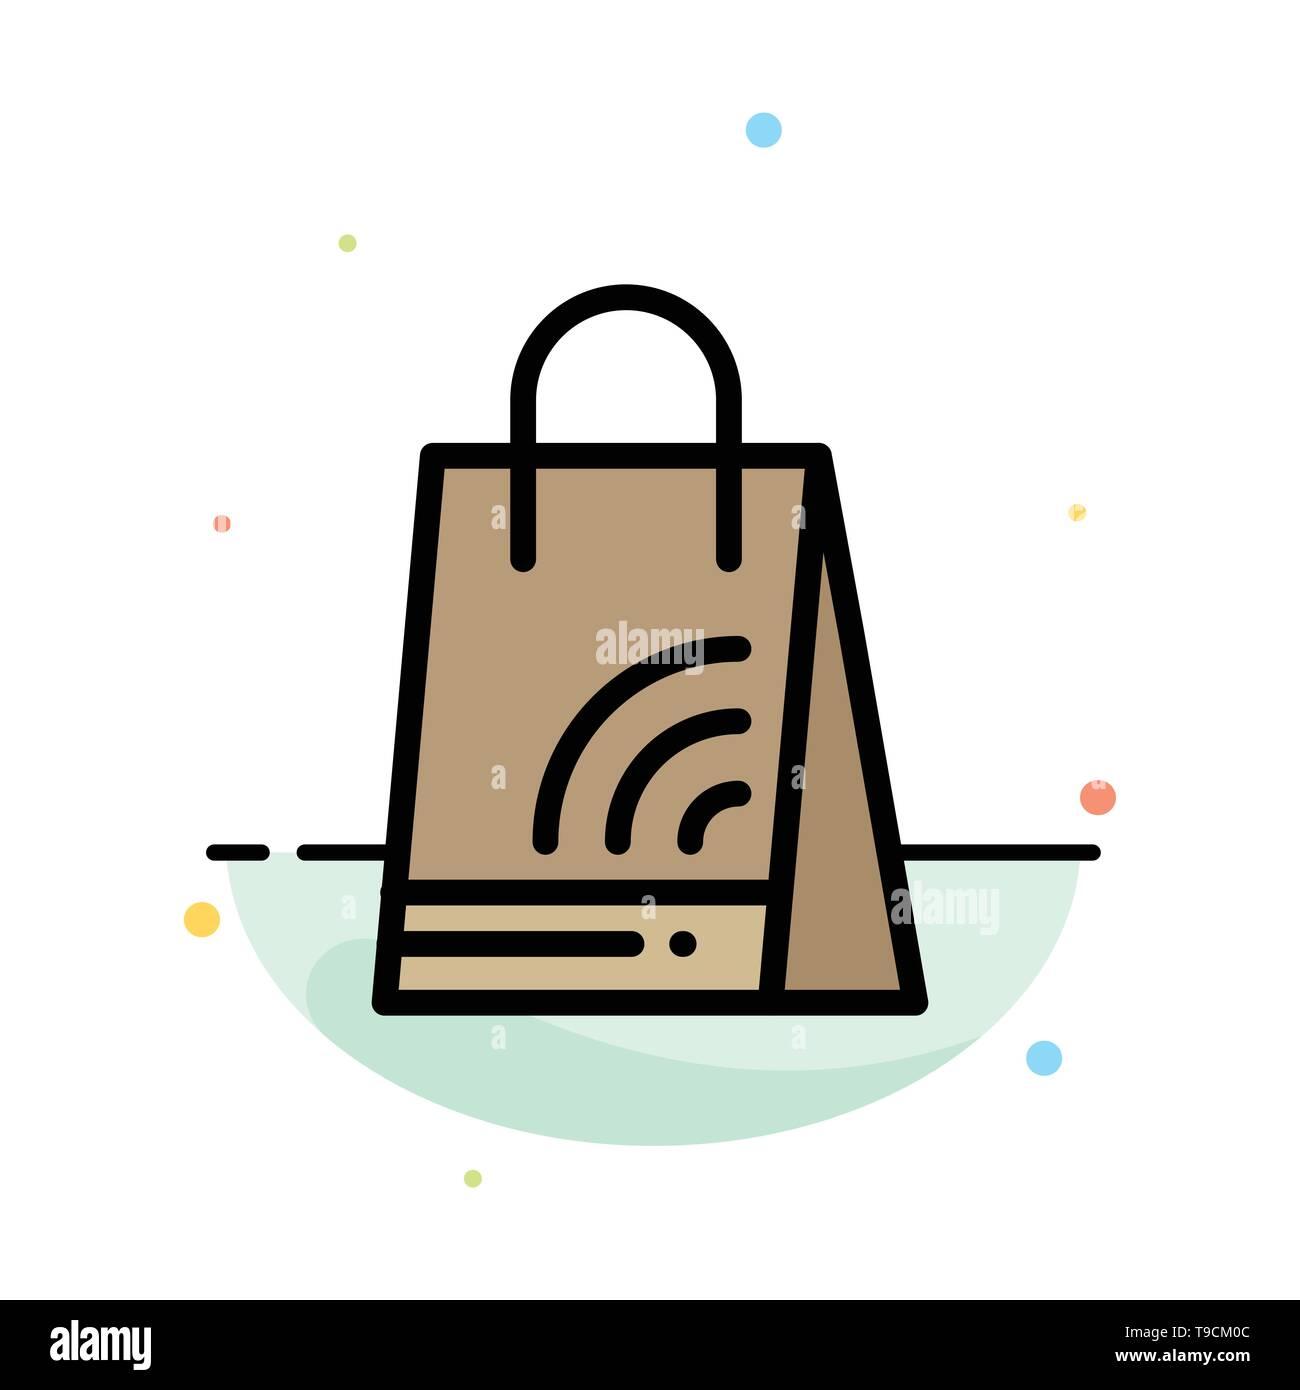 Bag, Handbag, Wifi, Shopping Abstract Flat Color Icon Template - Stock Image